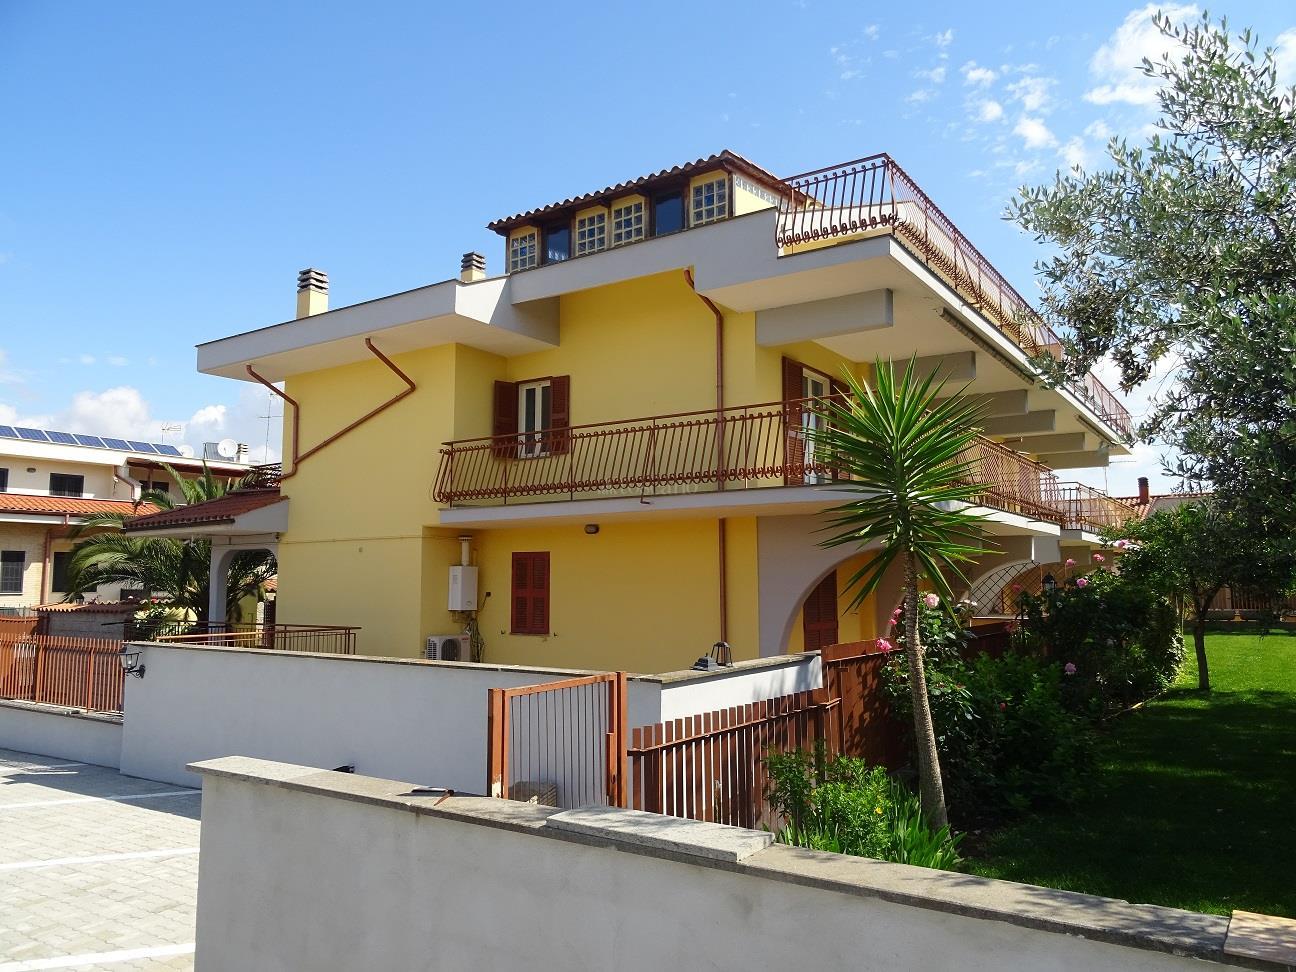 5 locali in affitto a Ciampino in Via Bologna